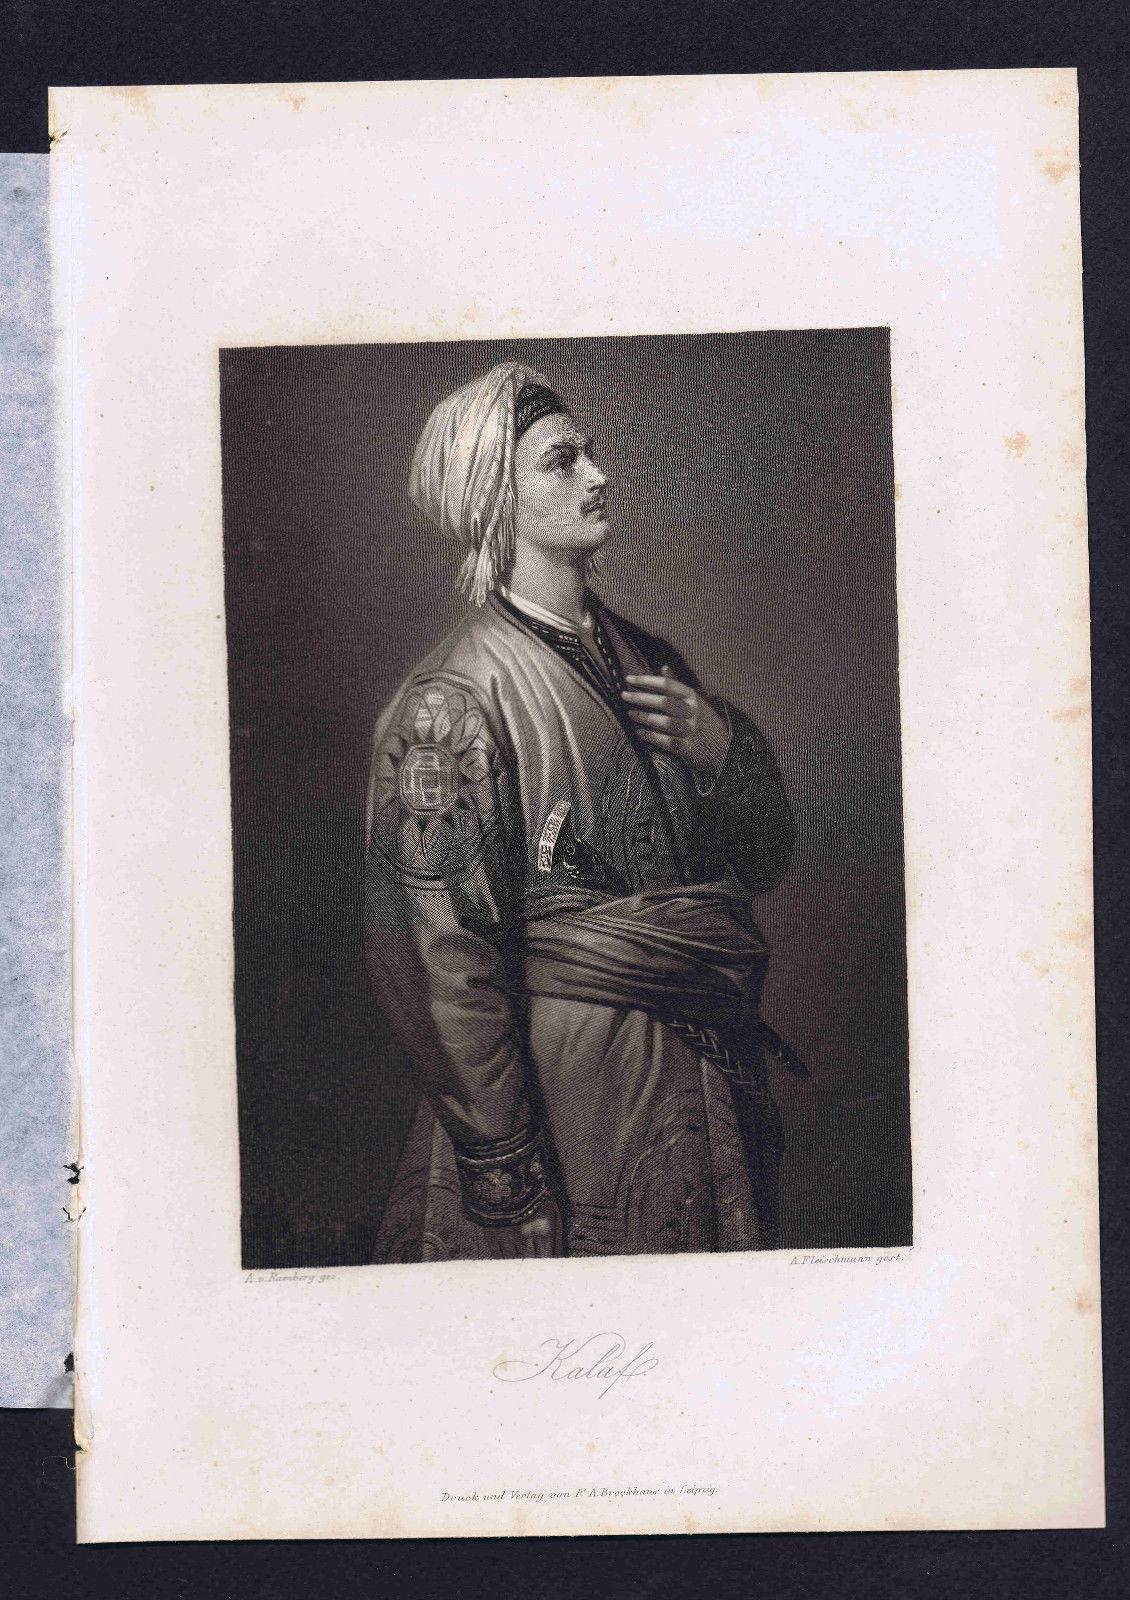 Принц тартария. в Фридрих Шиллер's турандот -1883